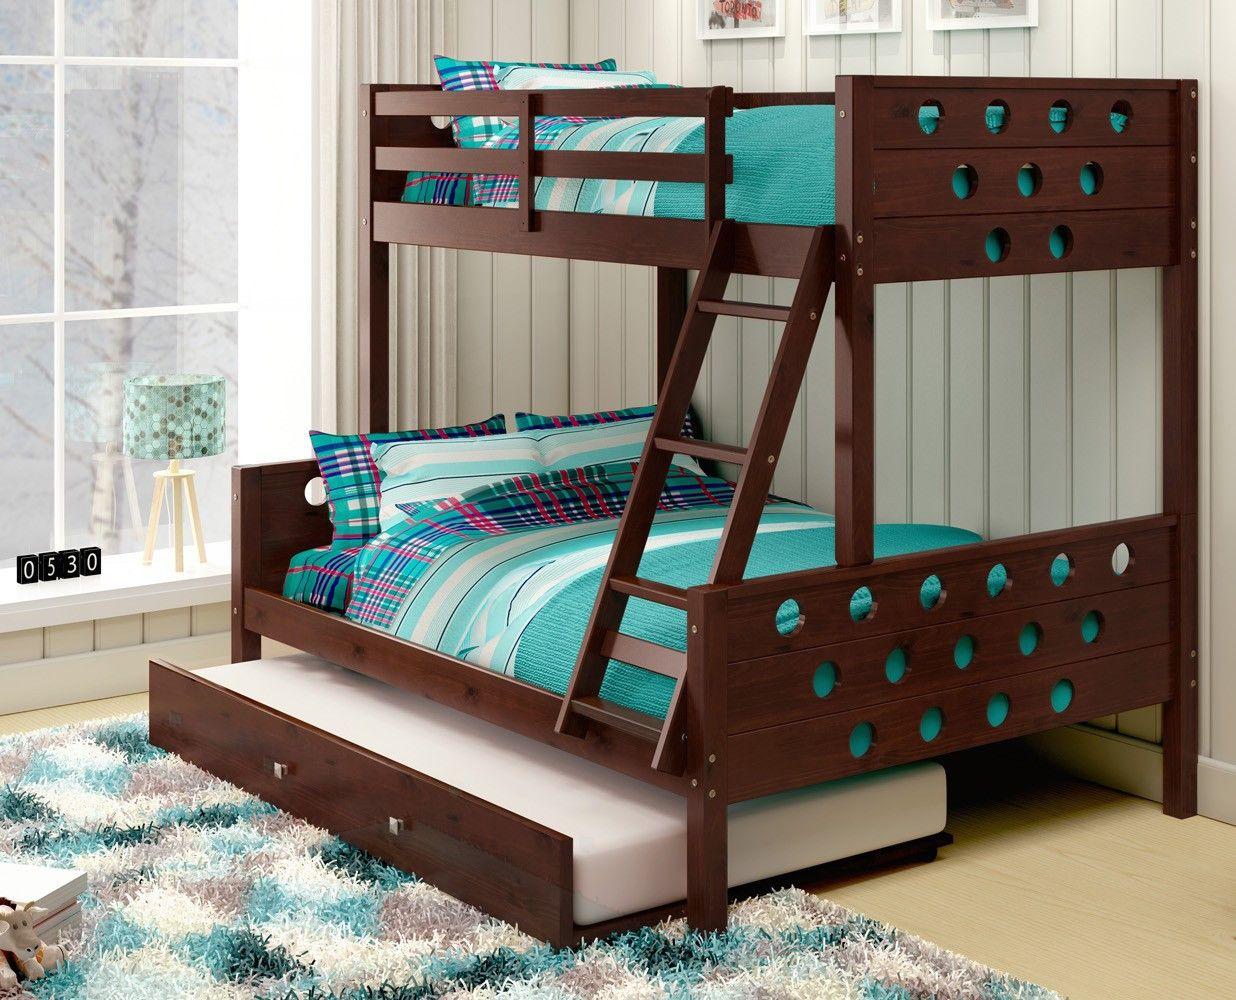 صورة غرف نوم اطفال , اشكال مختلفه لغرف نوم مودرن للاطفال 2683 1